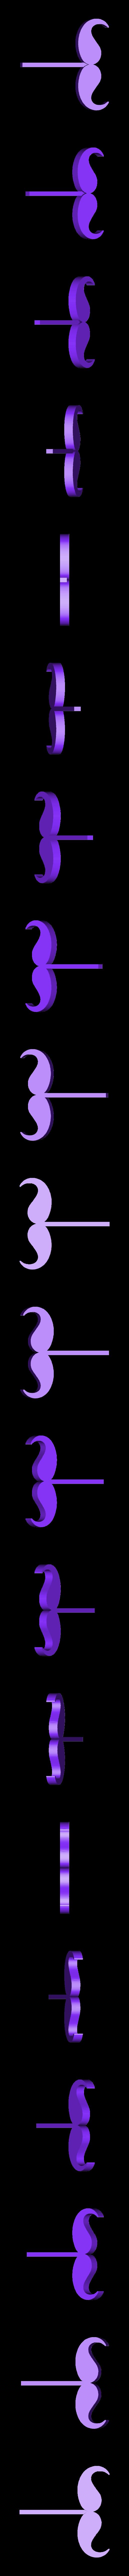 pack2.stl Télécharger fichier STL gratuit paquet de moustaches - coupeur pour la fête des pères, gentleman - formel - mariage - barbe - coupeur de biscuits fondant et en argile - topper - coupeur de biscuits et de cupcakes • Plan imprimable en 3D, Agos3D